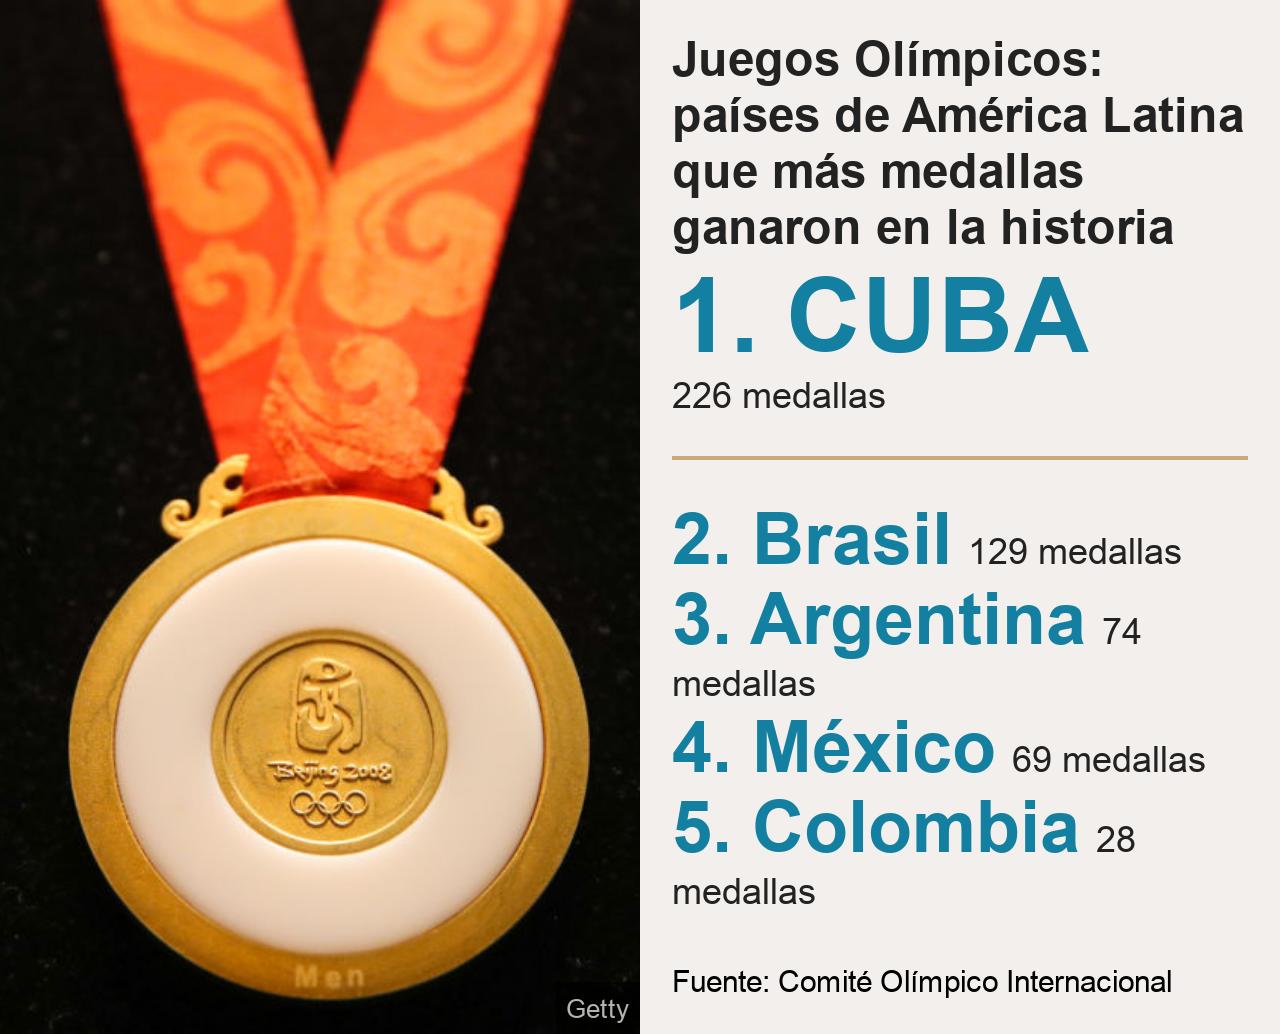 Juegos Olímpicos: países de América Latina que más medallas ganaron en la historia.  [ 1. CUBA 226 medallas ] [ 2. Brasil 129 medallas ],[ 3. Argentina 74 medallas ],[ 4. México 69 medallas  ],[ 5. Colombia 28 medallas ], Source: Fuente: Comité Olímpico Internacional, Image: Foto de una medalla olímpica